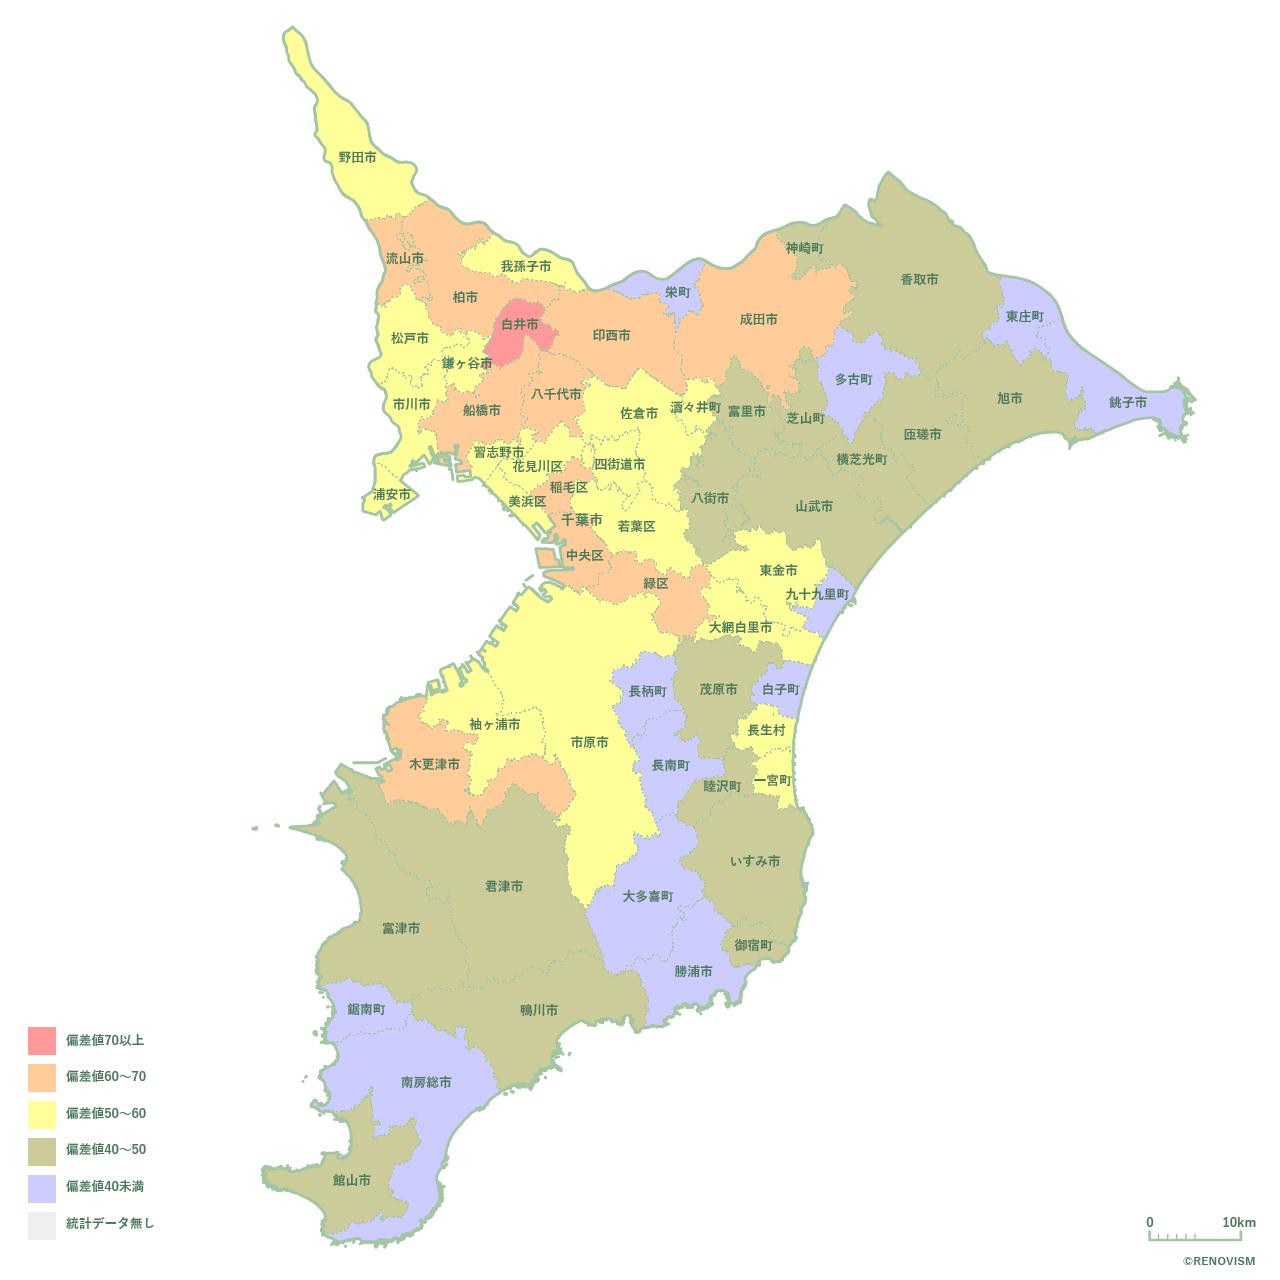 59地域別【人口増減率マップ】千葉県編 2020年